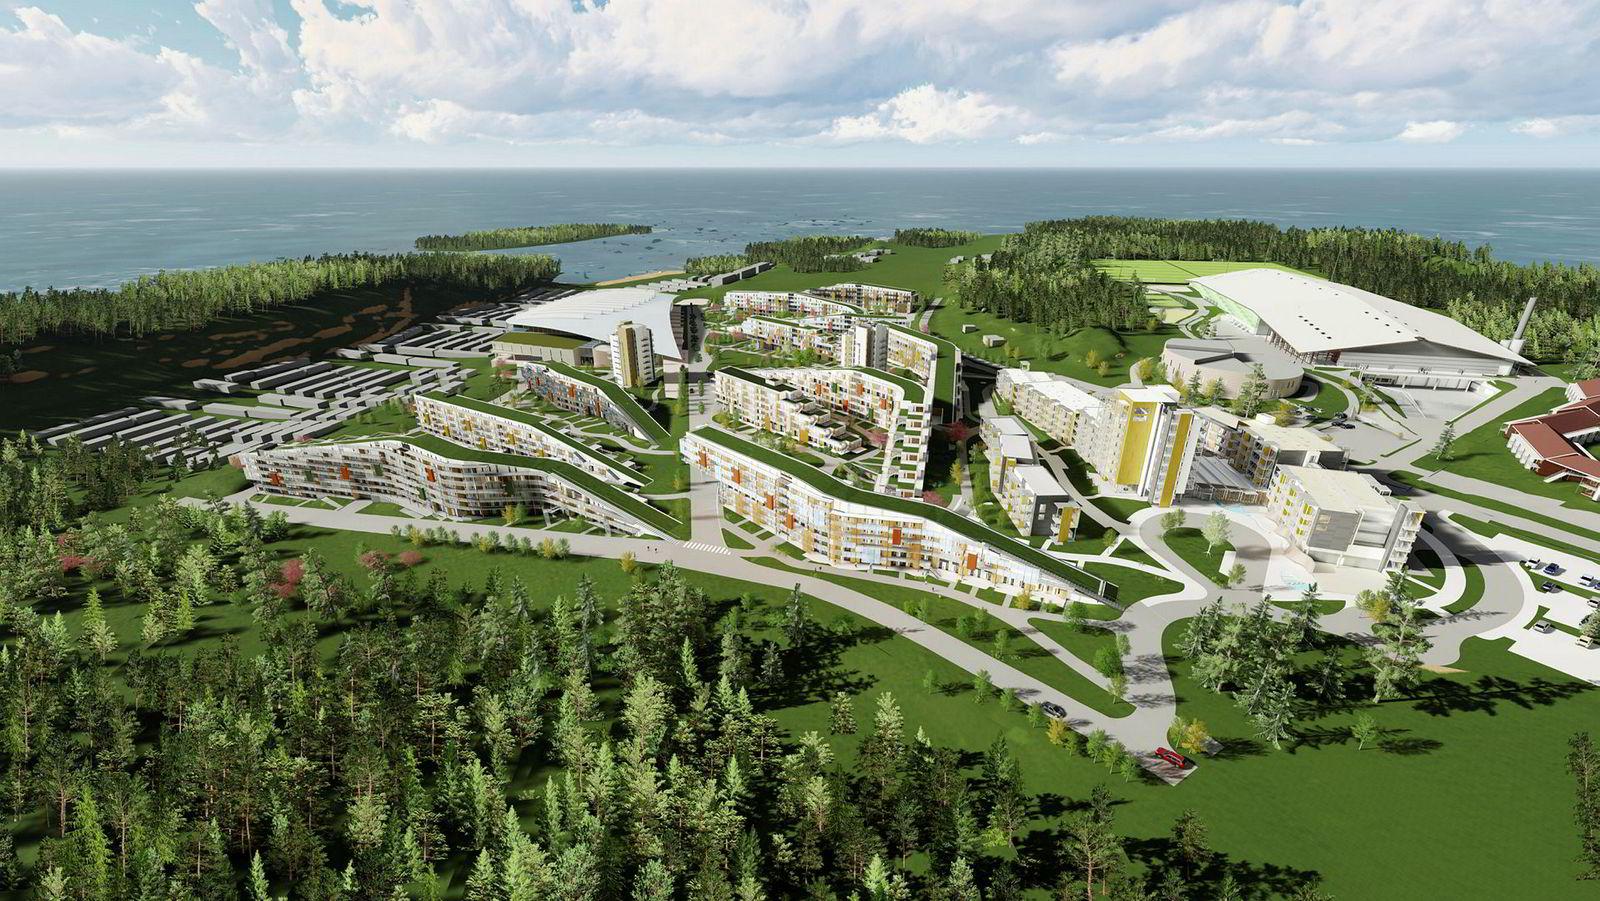 Slik blir gigantanlegget på Brunstad seende ut når det er ferdig i 2021. Ti av 15 hotellblokker vil være ferdige i år.